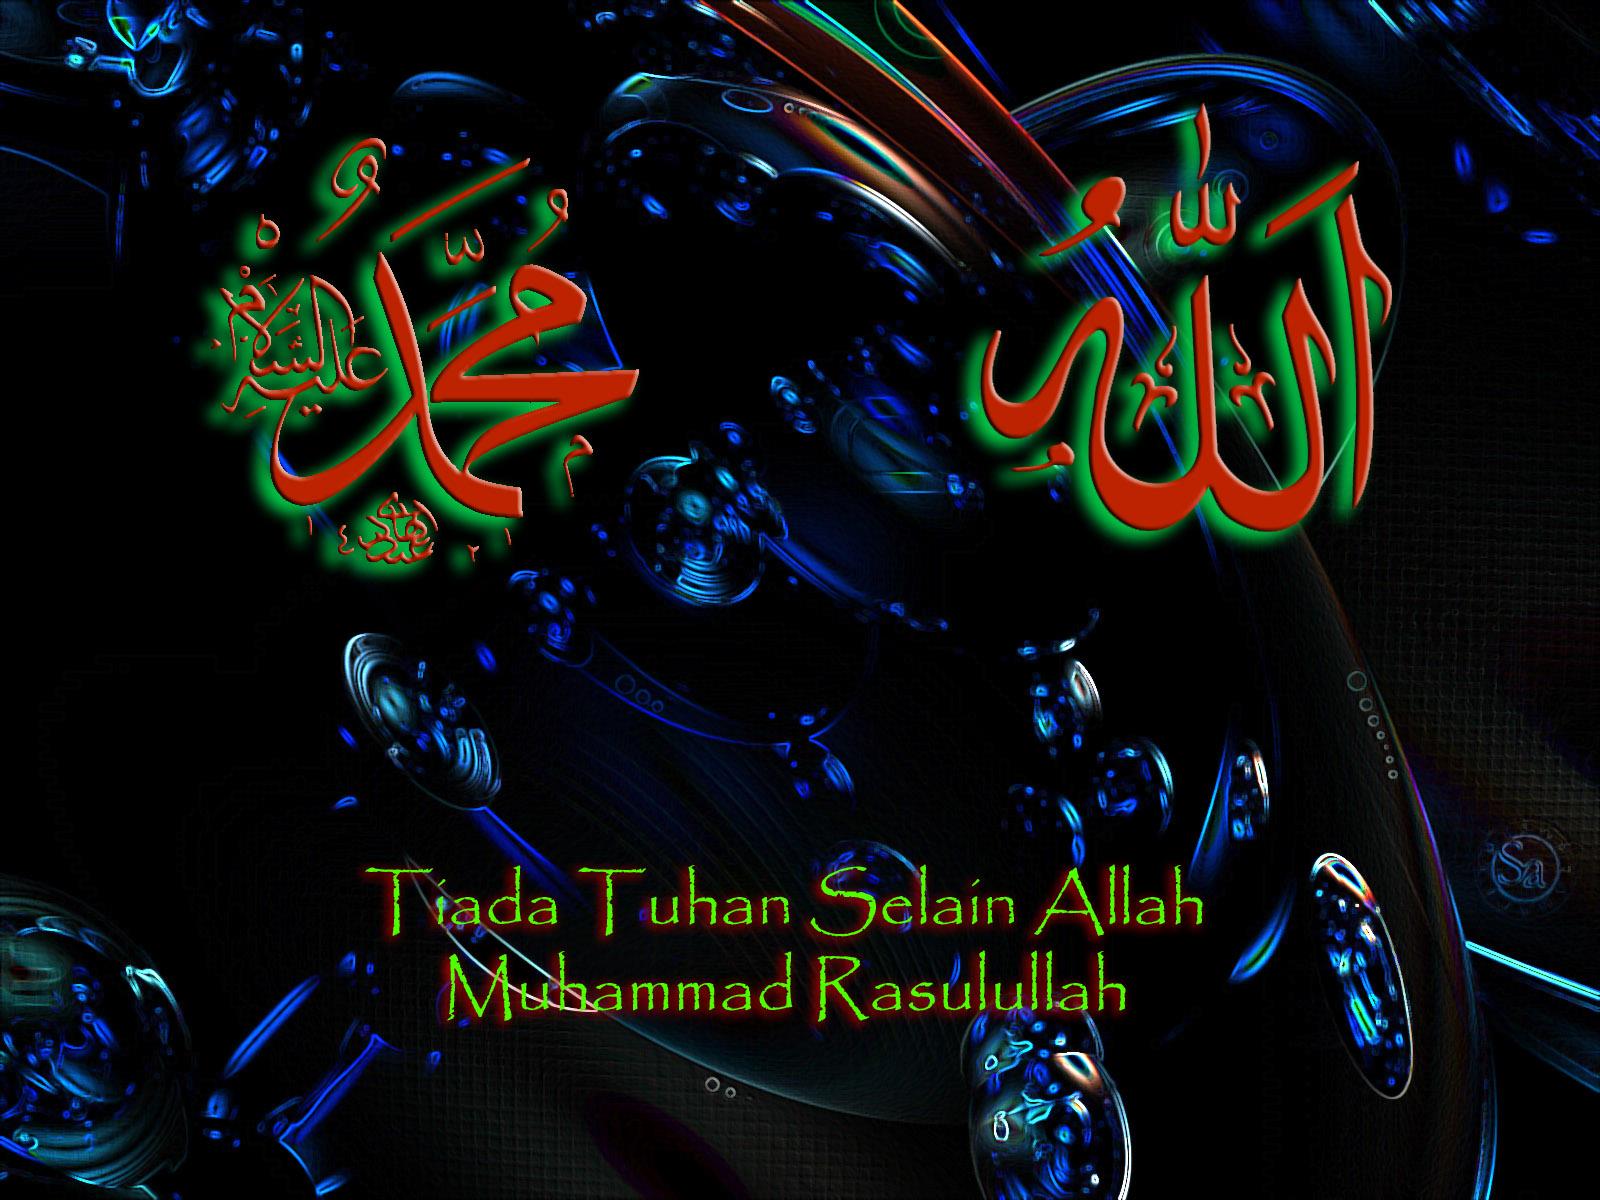 http://2.bp.blogspot.com/_GtN5NslLggw/S7s26d1_n5I/AAAAAAAAA-c/Ywod7d3rUMw/s1600/Tiada+Tuhan+Selain+Allah+Muhammad+Rasulullah.jpg